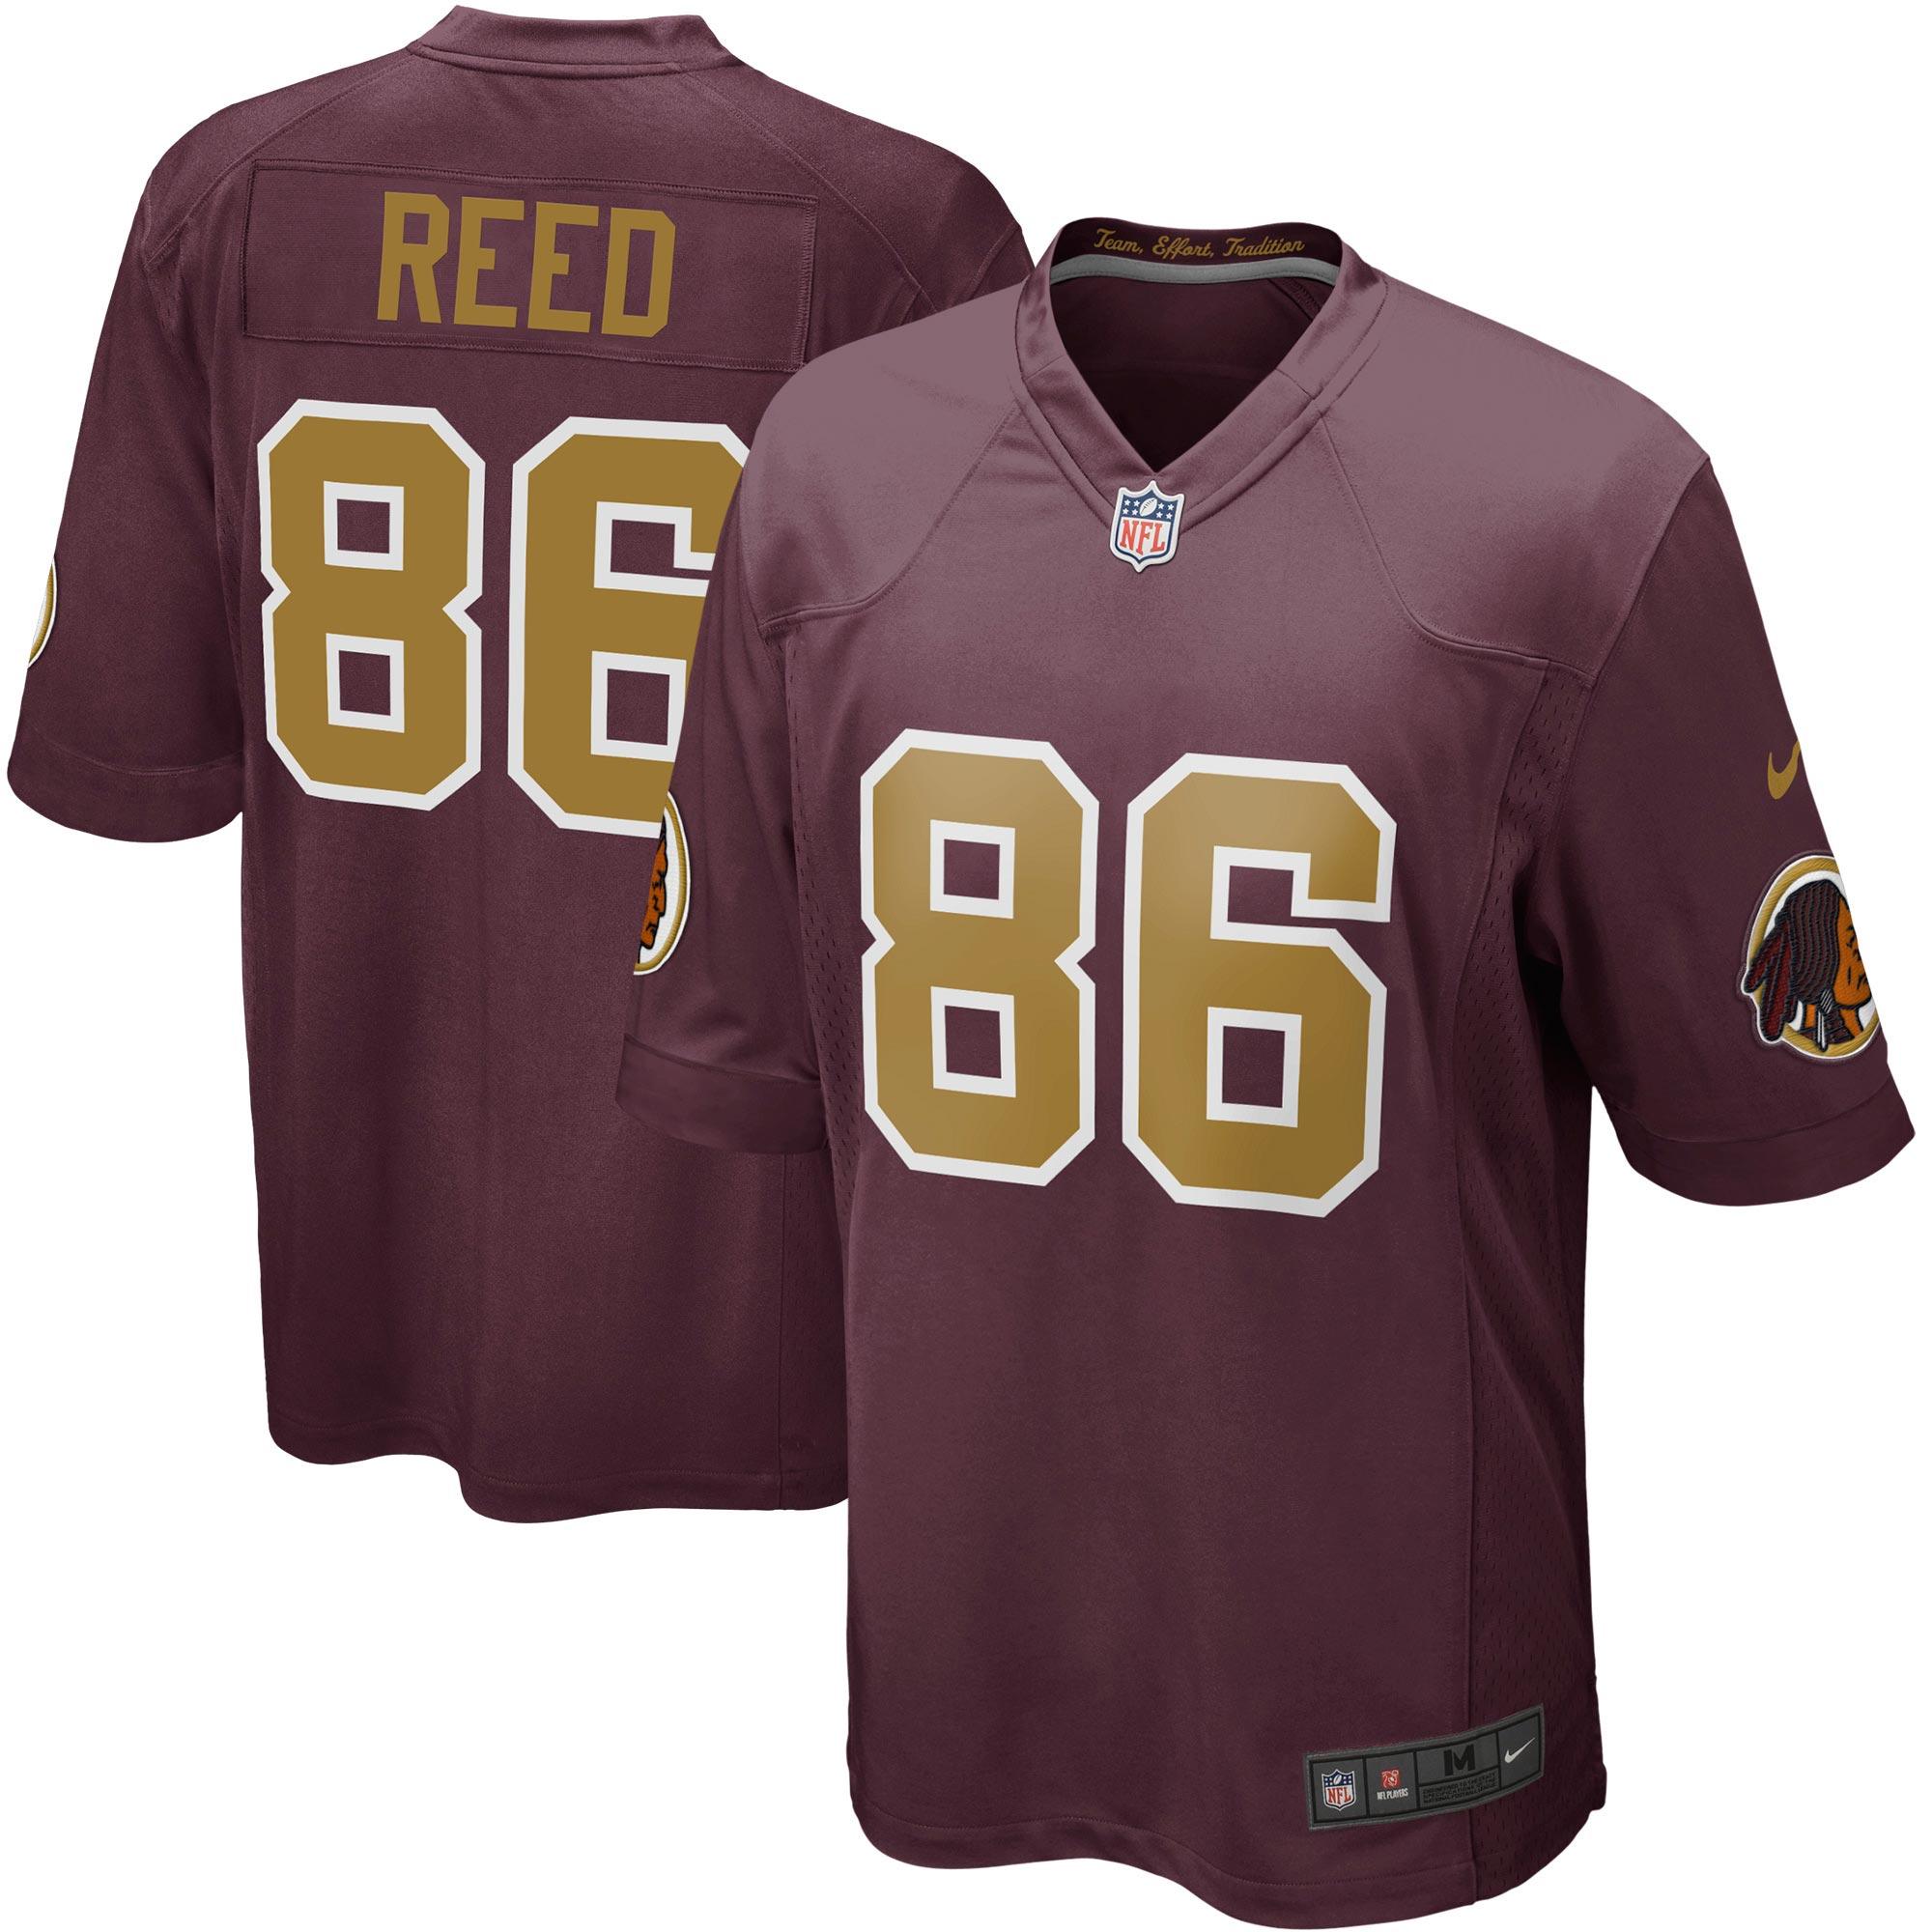 Washington Redskins Ausweichtrikot - Jordan Reed - Herren